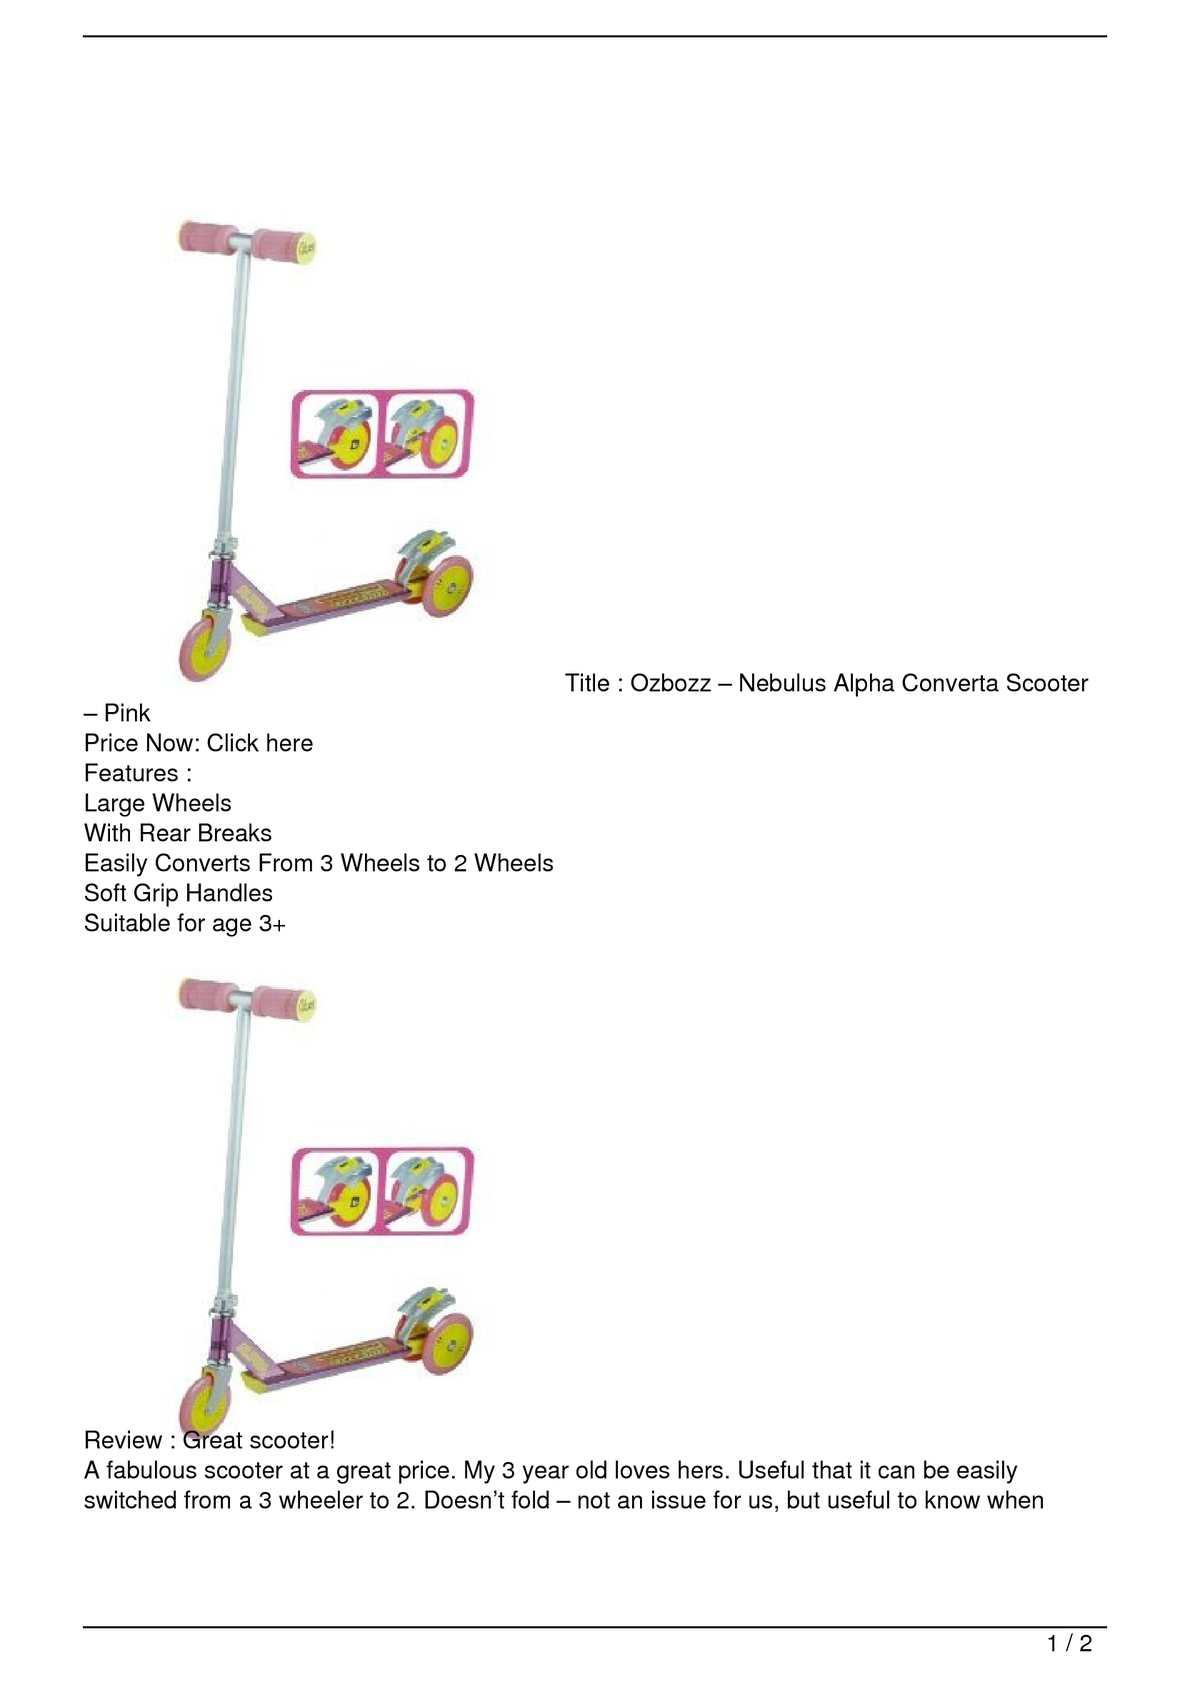 Ozbozz Nebulus Alpha Converta Scooter Pink